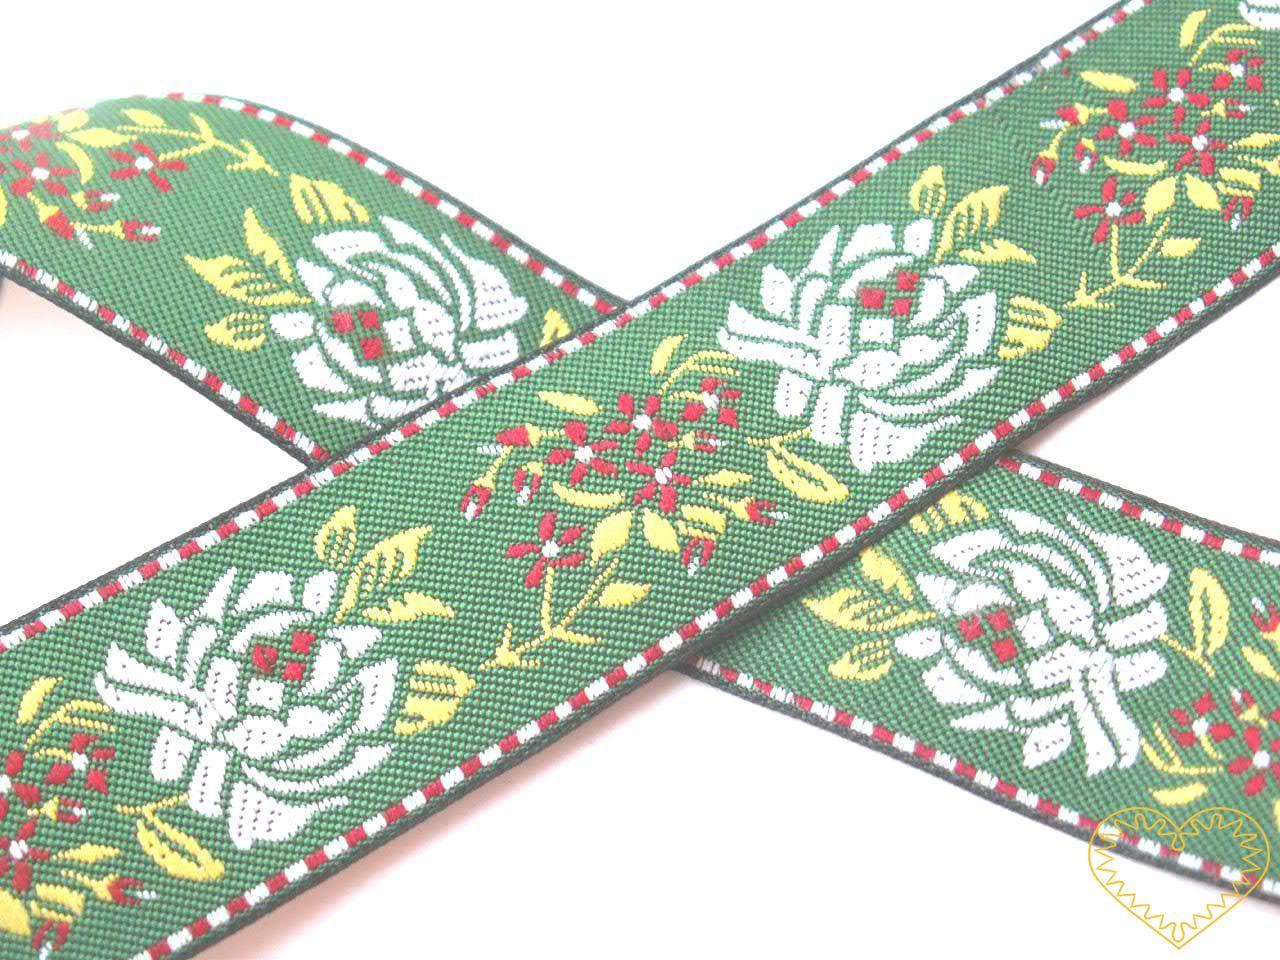 Zelená krojová stuha s květy - vzorovka - šíře 2,8 cm. Textilní tkaná stuha s jemným vzorkem je vhodná zvláště ke zdobení krojů, bytového textilu a šatů panenek či maňásků.